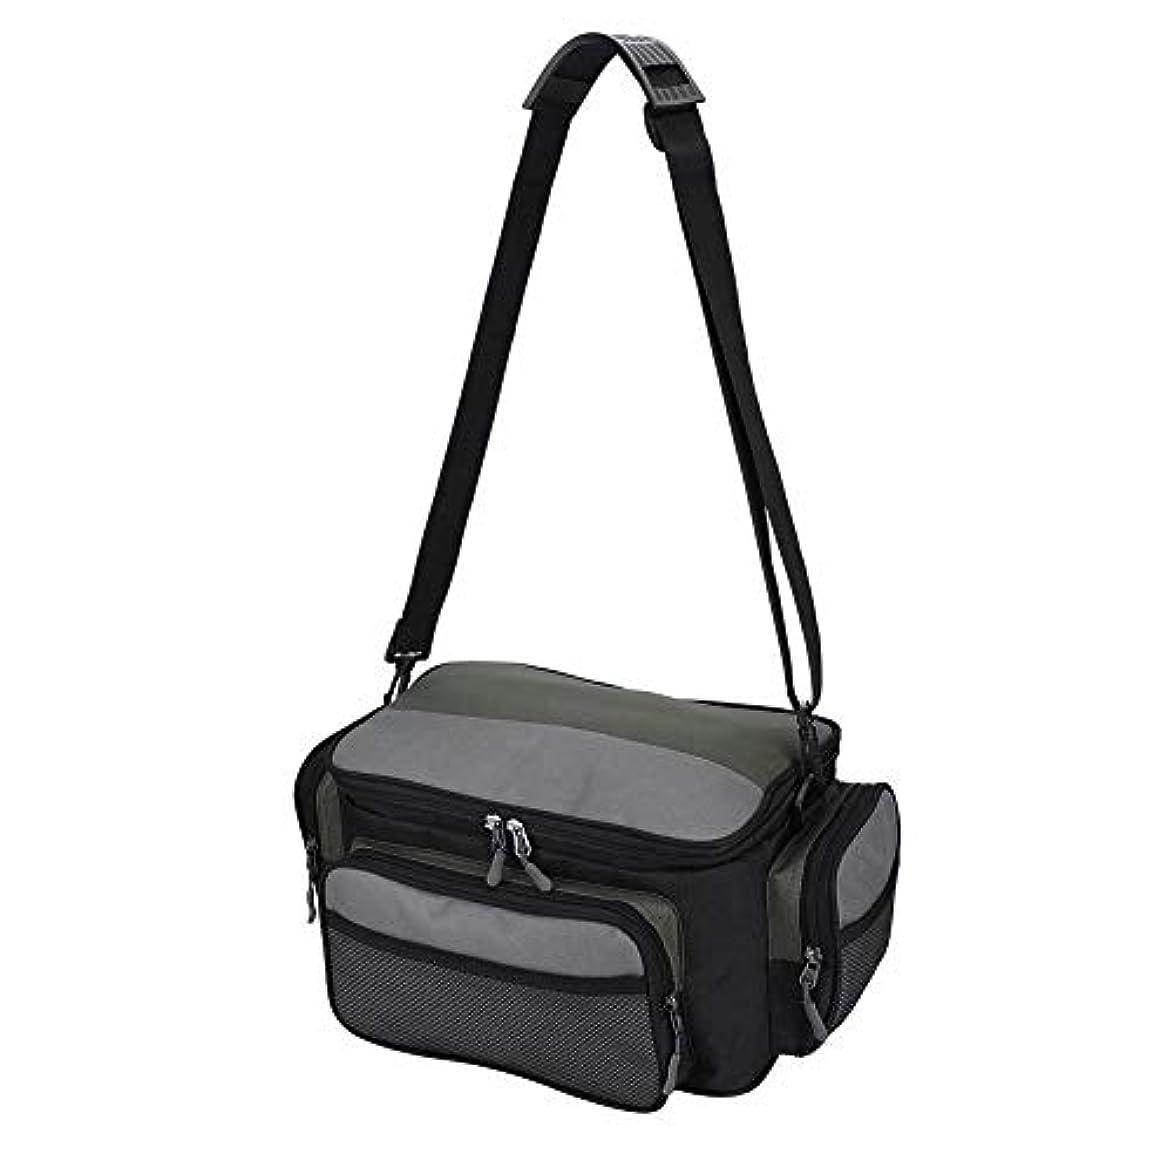 矩形ドラゴン器用釣りバッグ フィッシングタックルバッグ 袋 ケース 大容量 複数のポケット ショルダーストラップ 調節可能 多機能 防塵通気 ルアー/リールなどに対応